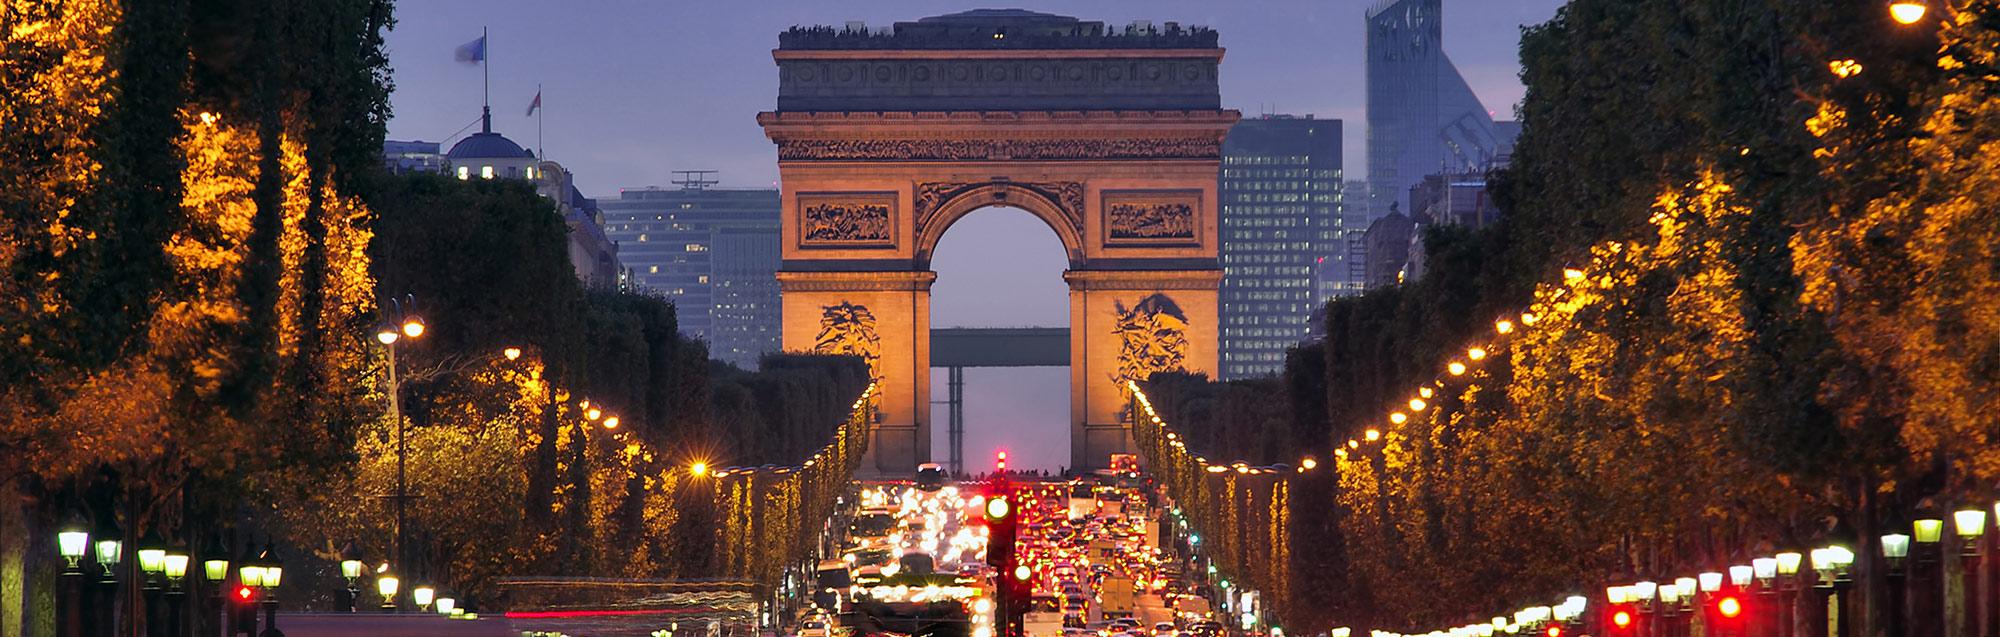 Dein Sprachkurs in einer Sprachschule Paris